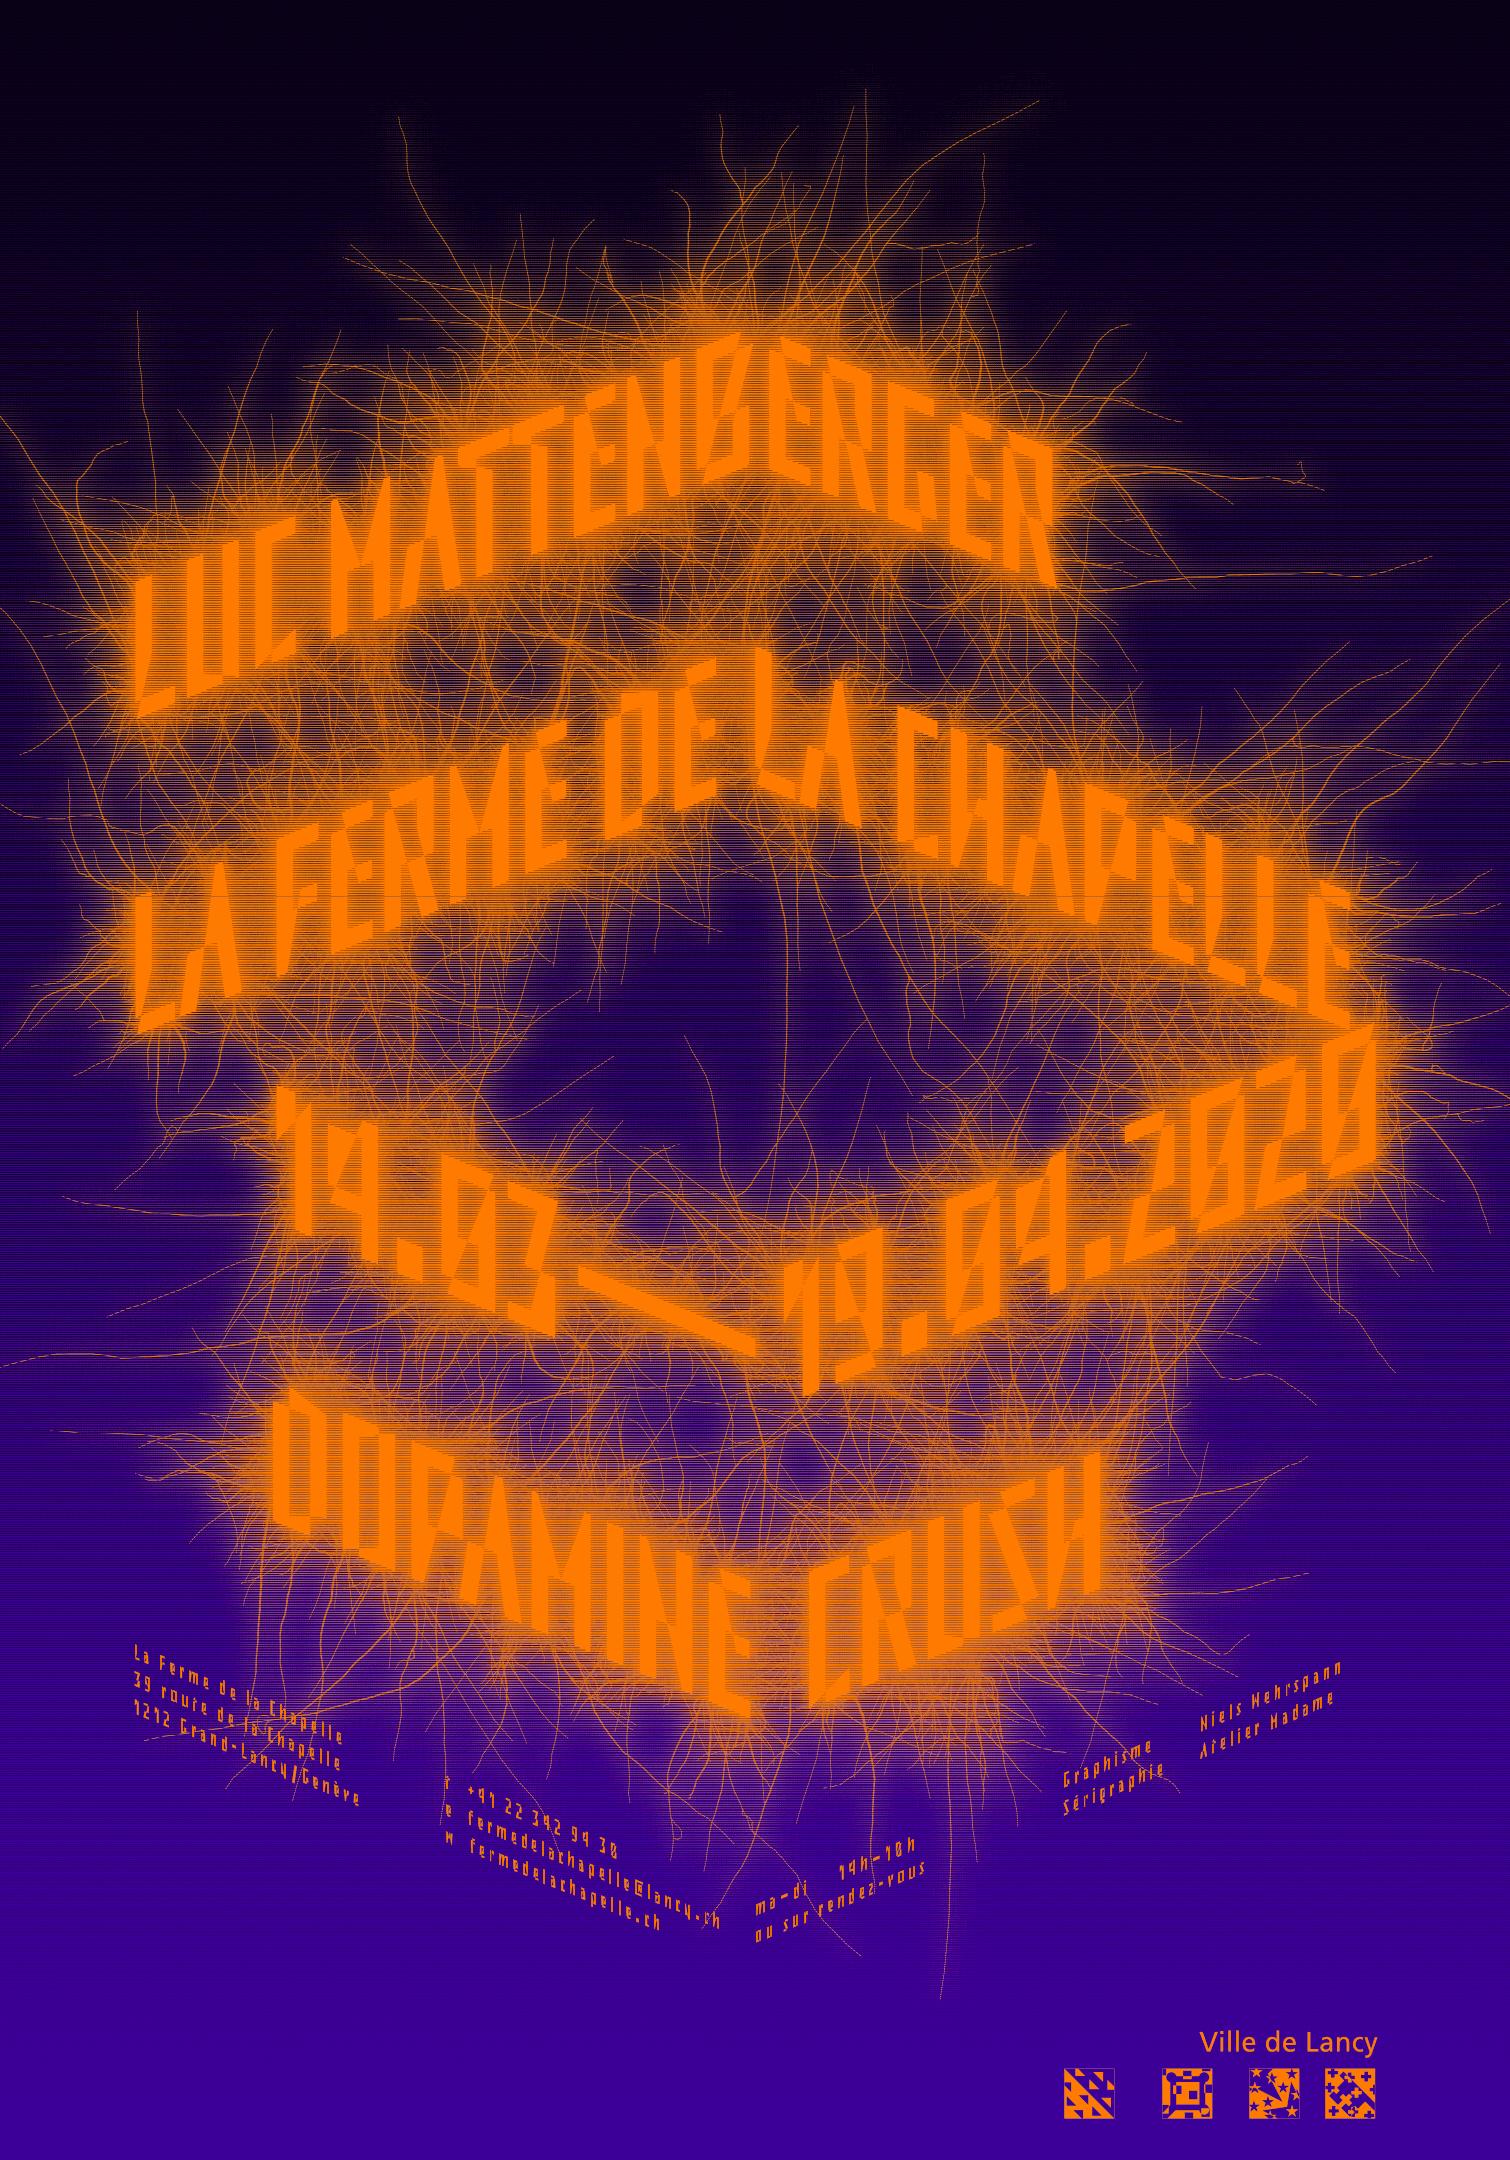 Lettres fluo et excroissances sur l'affiche de l'exposition de Luc Mattenberger